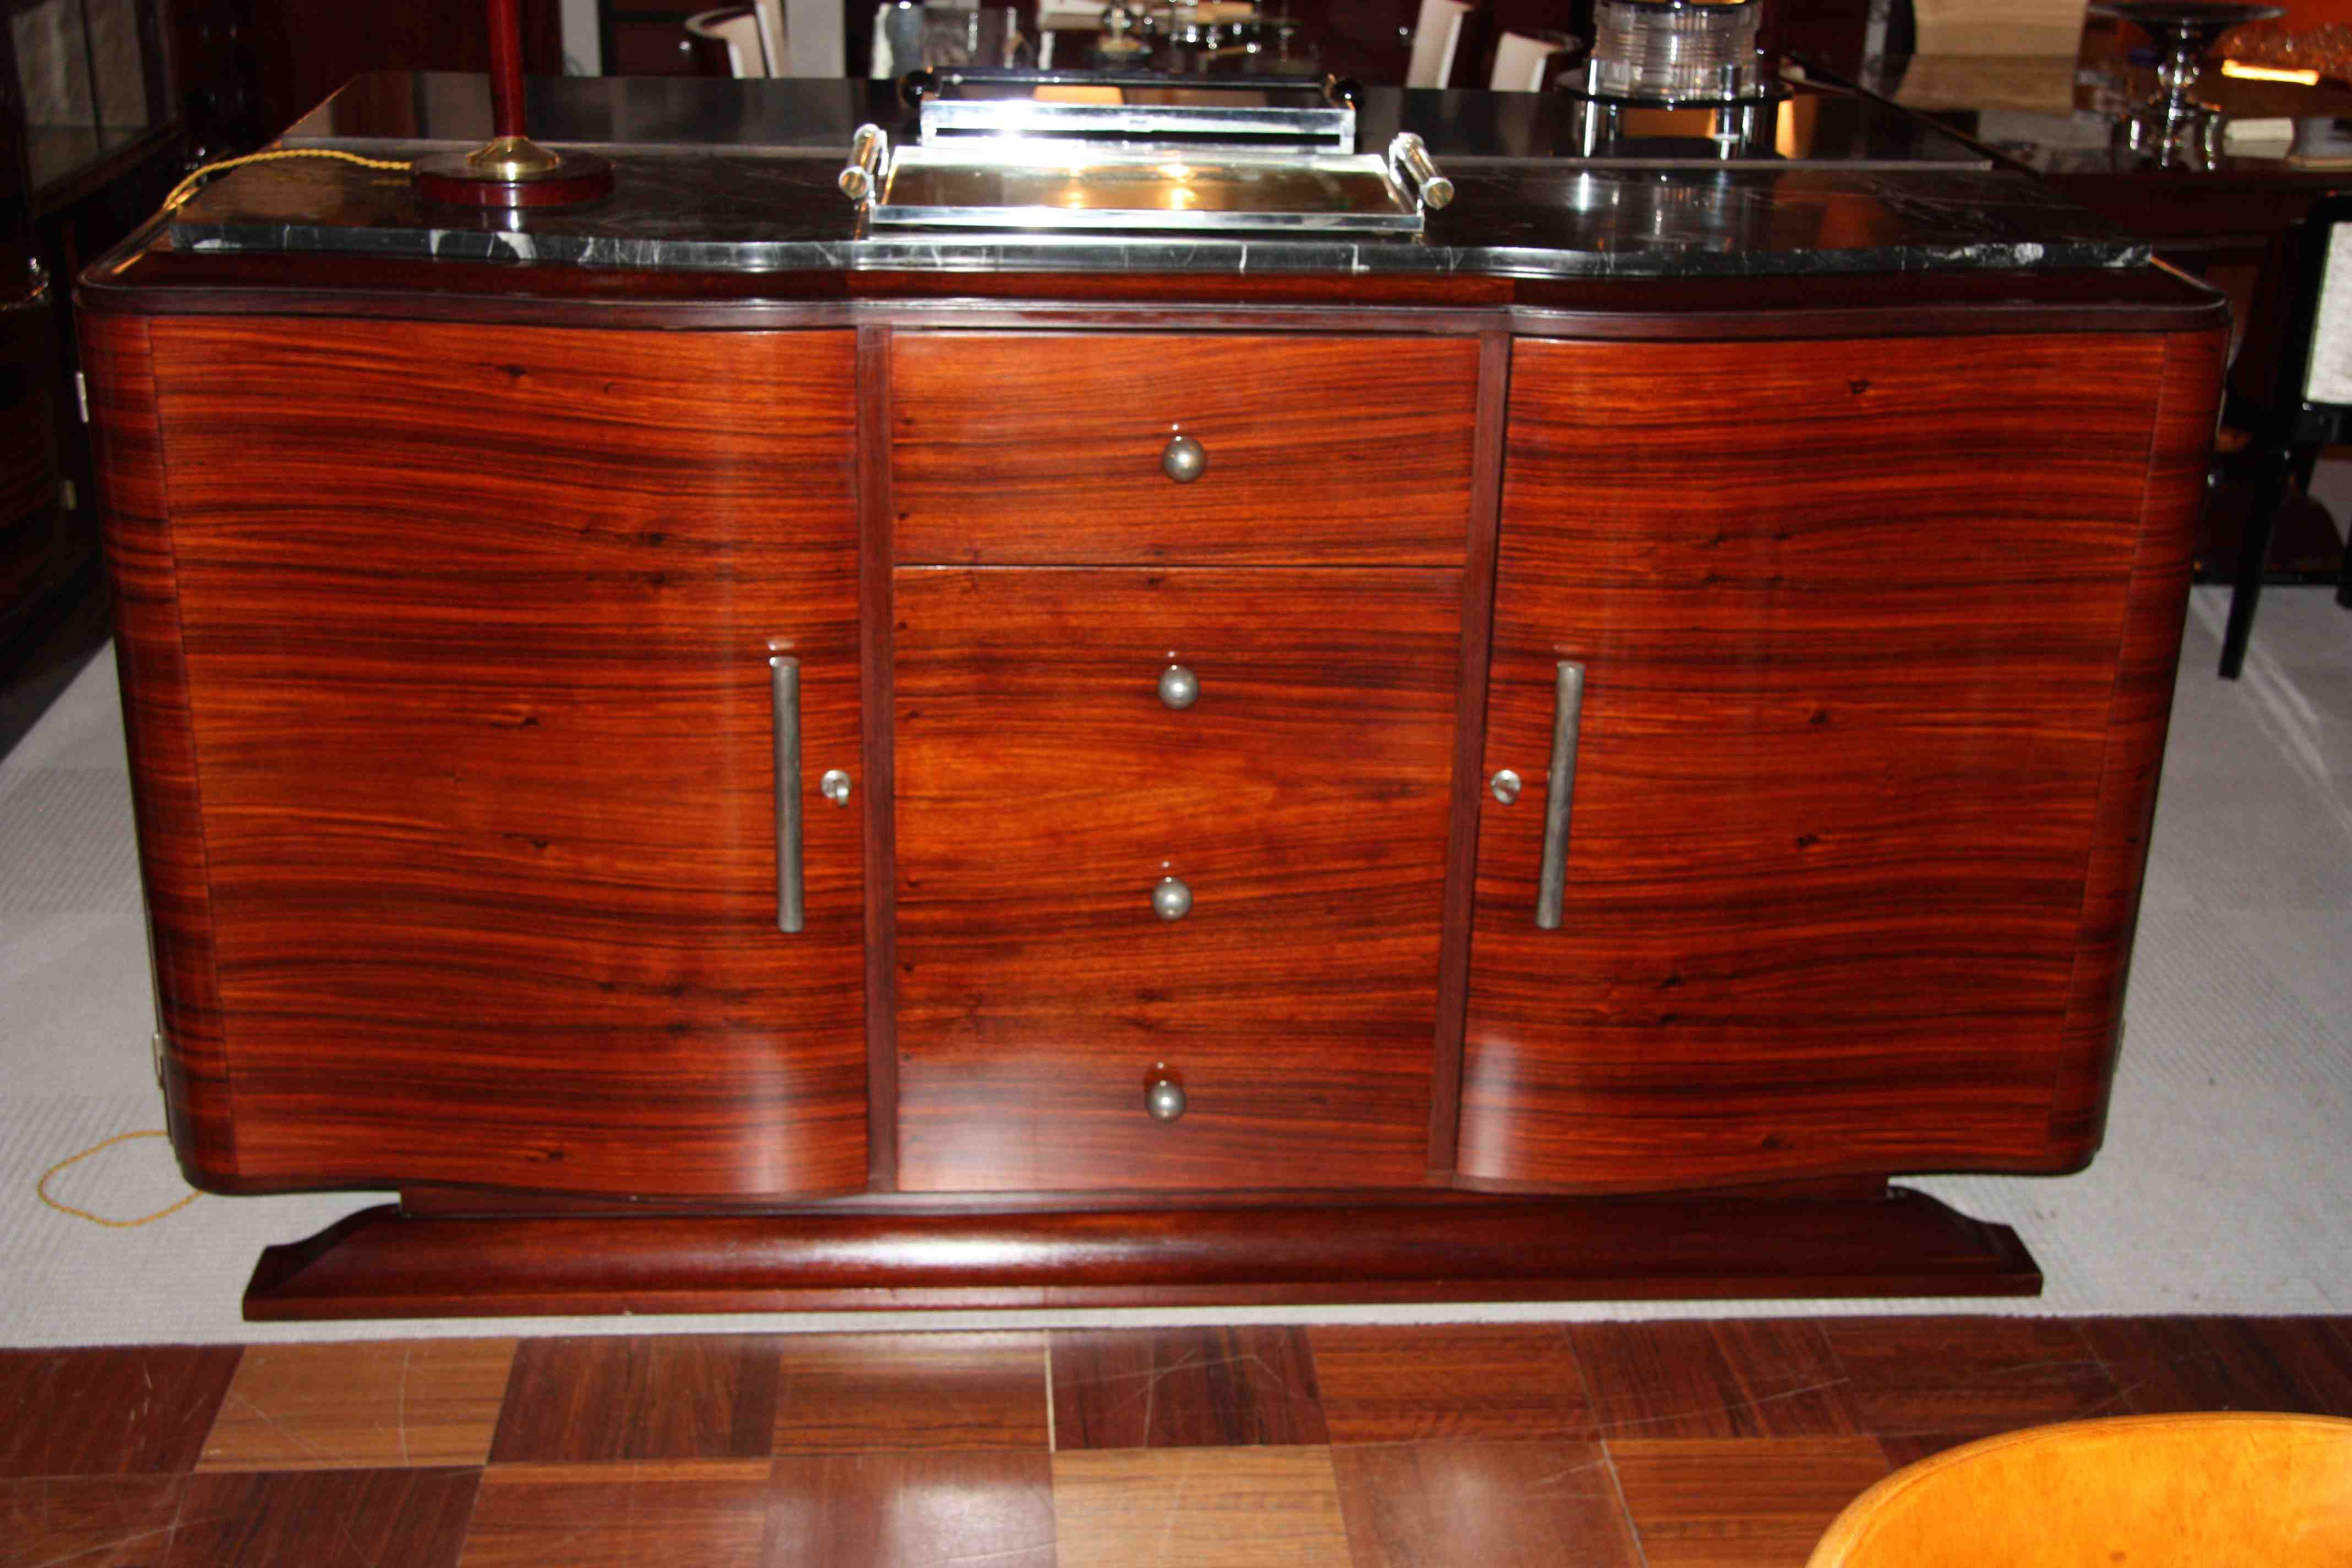 enfilade sideboard en palissandre de rio ref enf 16 art deco sideboard rosewood esprit art. Black Bedroom Furniture Sets. Home Design Ideas